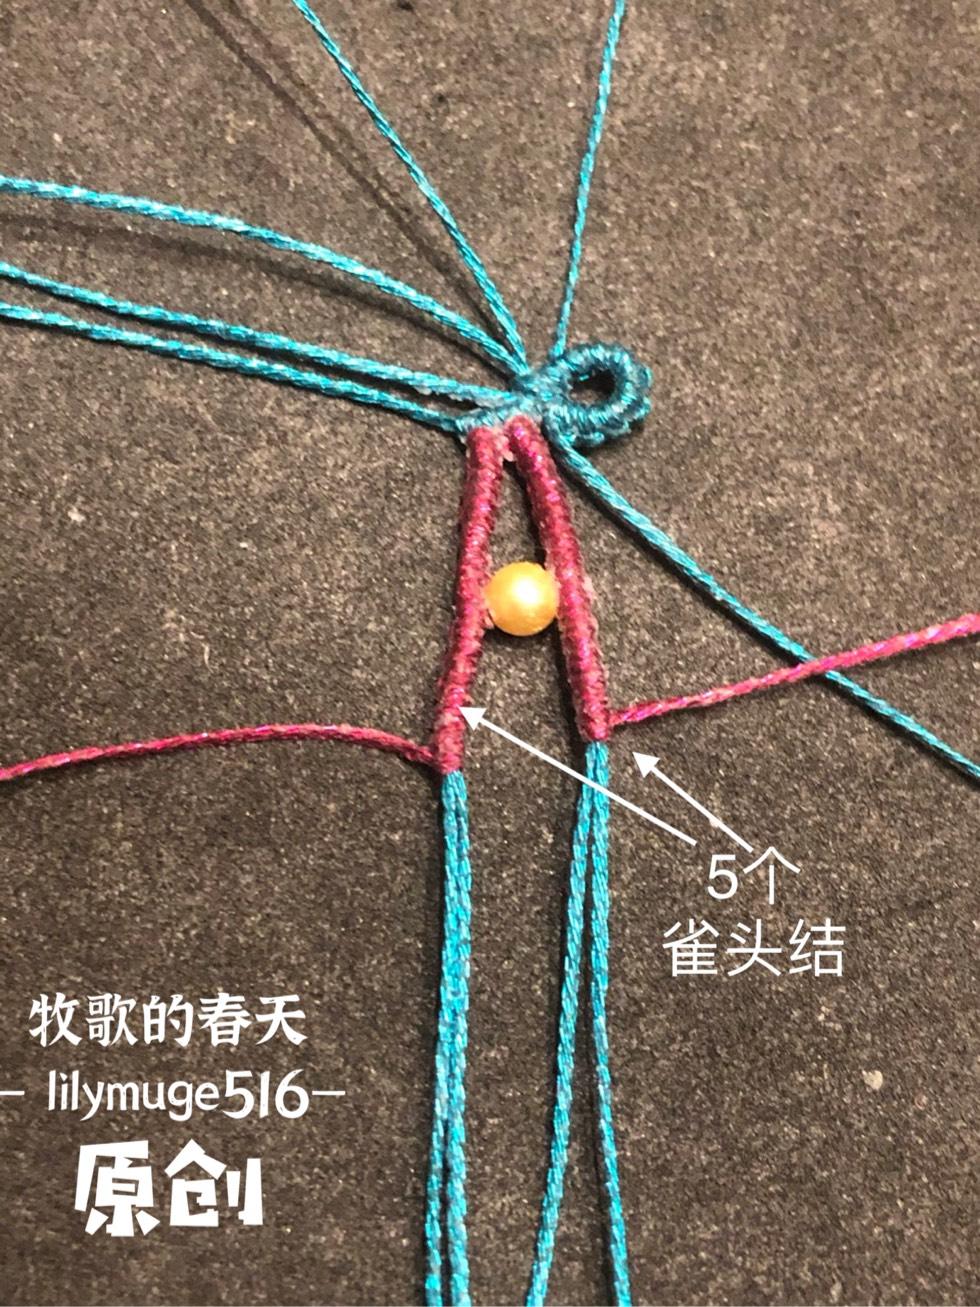 中国结论坛 原创 小蝴蝶教程 教程,蝴蝶手工折纸步骤图,小蝴蝶花朵的钩法视频,小蝴蝶怎么做手工,手工编织小蝴蝶教程 图文教程区 102509sf641d4hvxqyq1q1